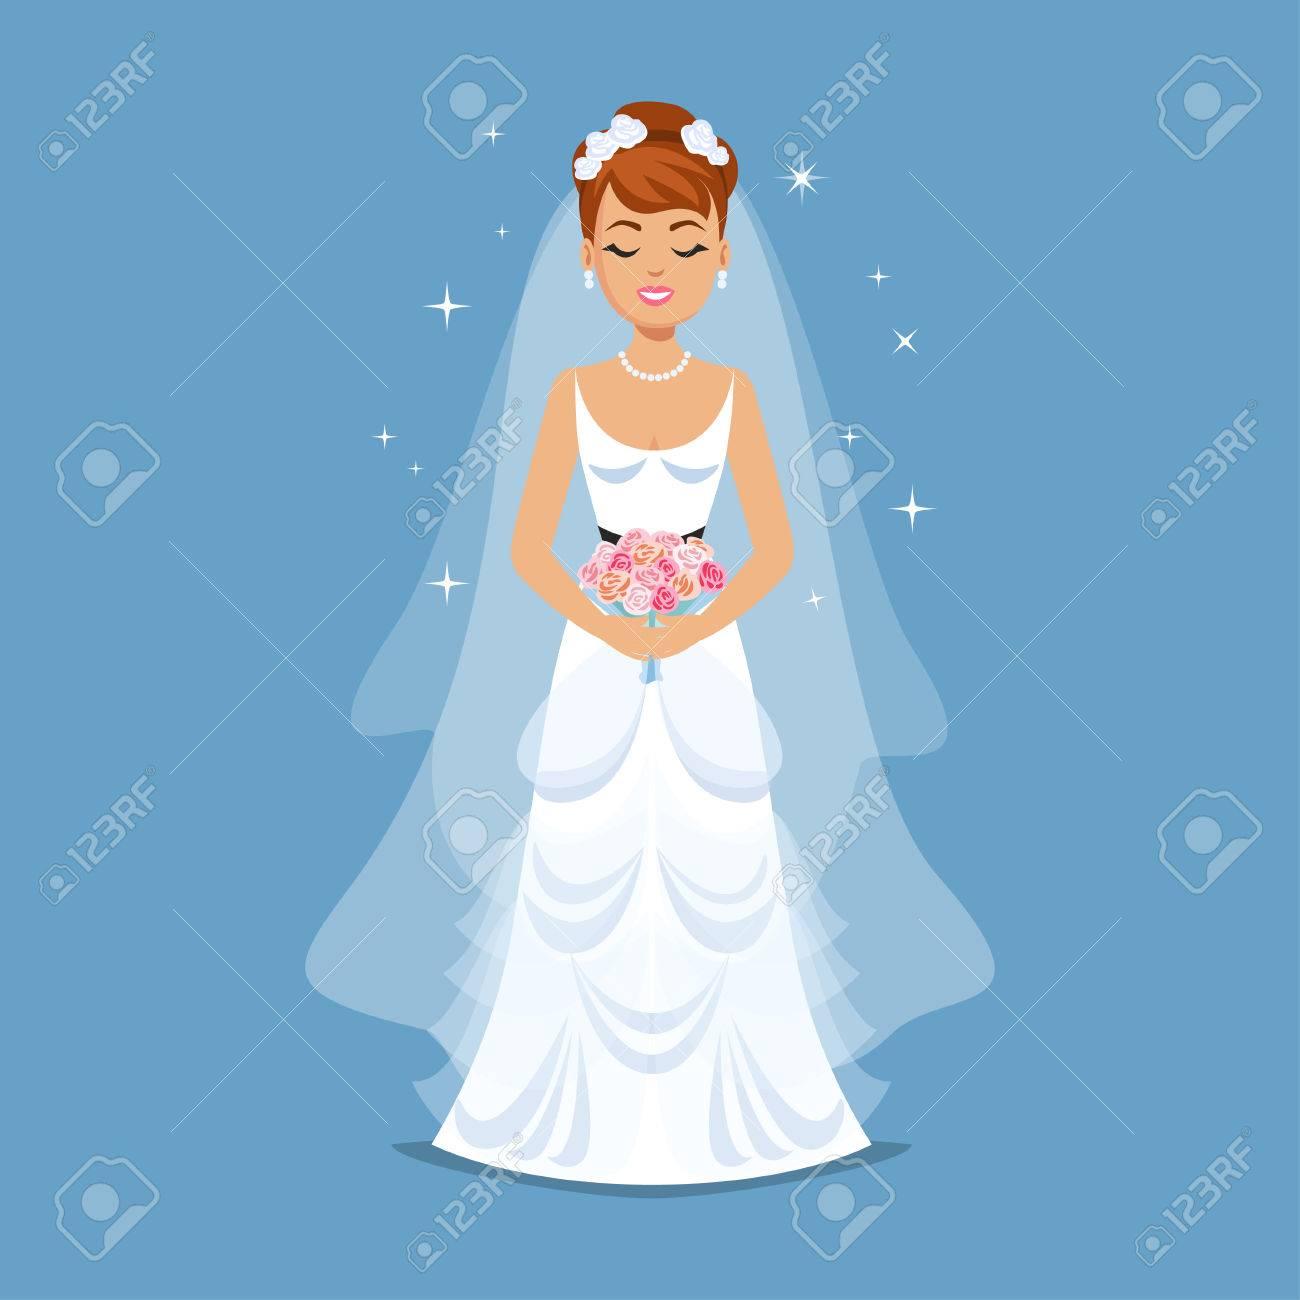 Dibujos Elegante Vestido Novia Bodaniña